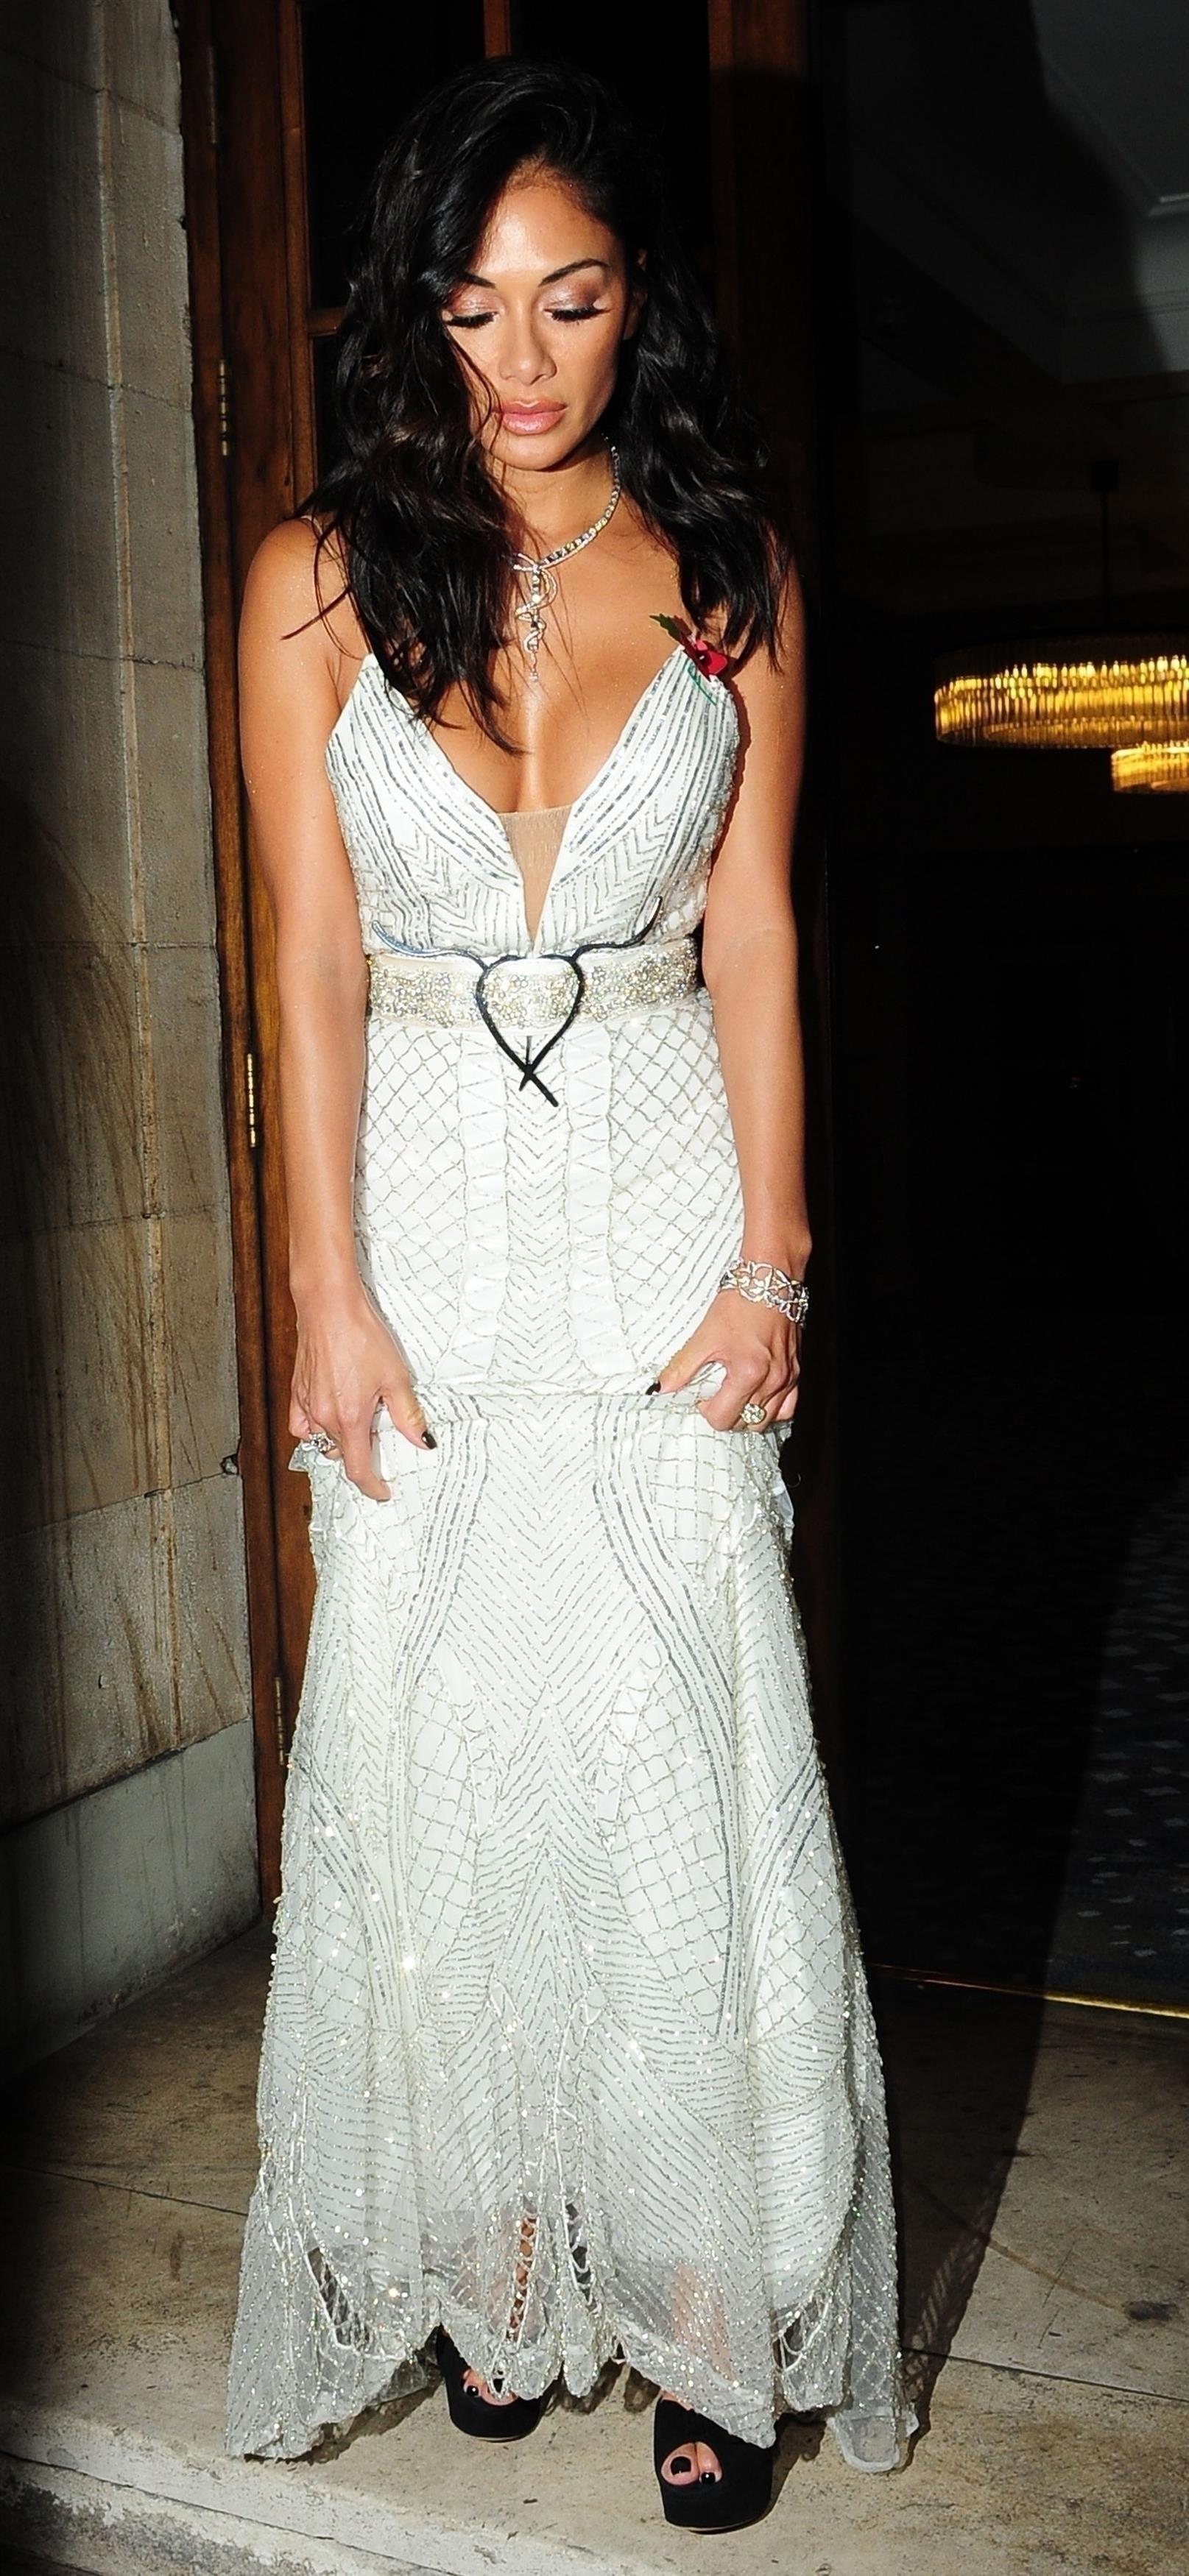 Nicole Scherzinger rouba a cena com look sexy em Londres  (Foto: BACKGRID)